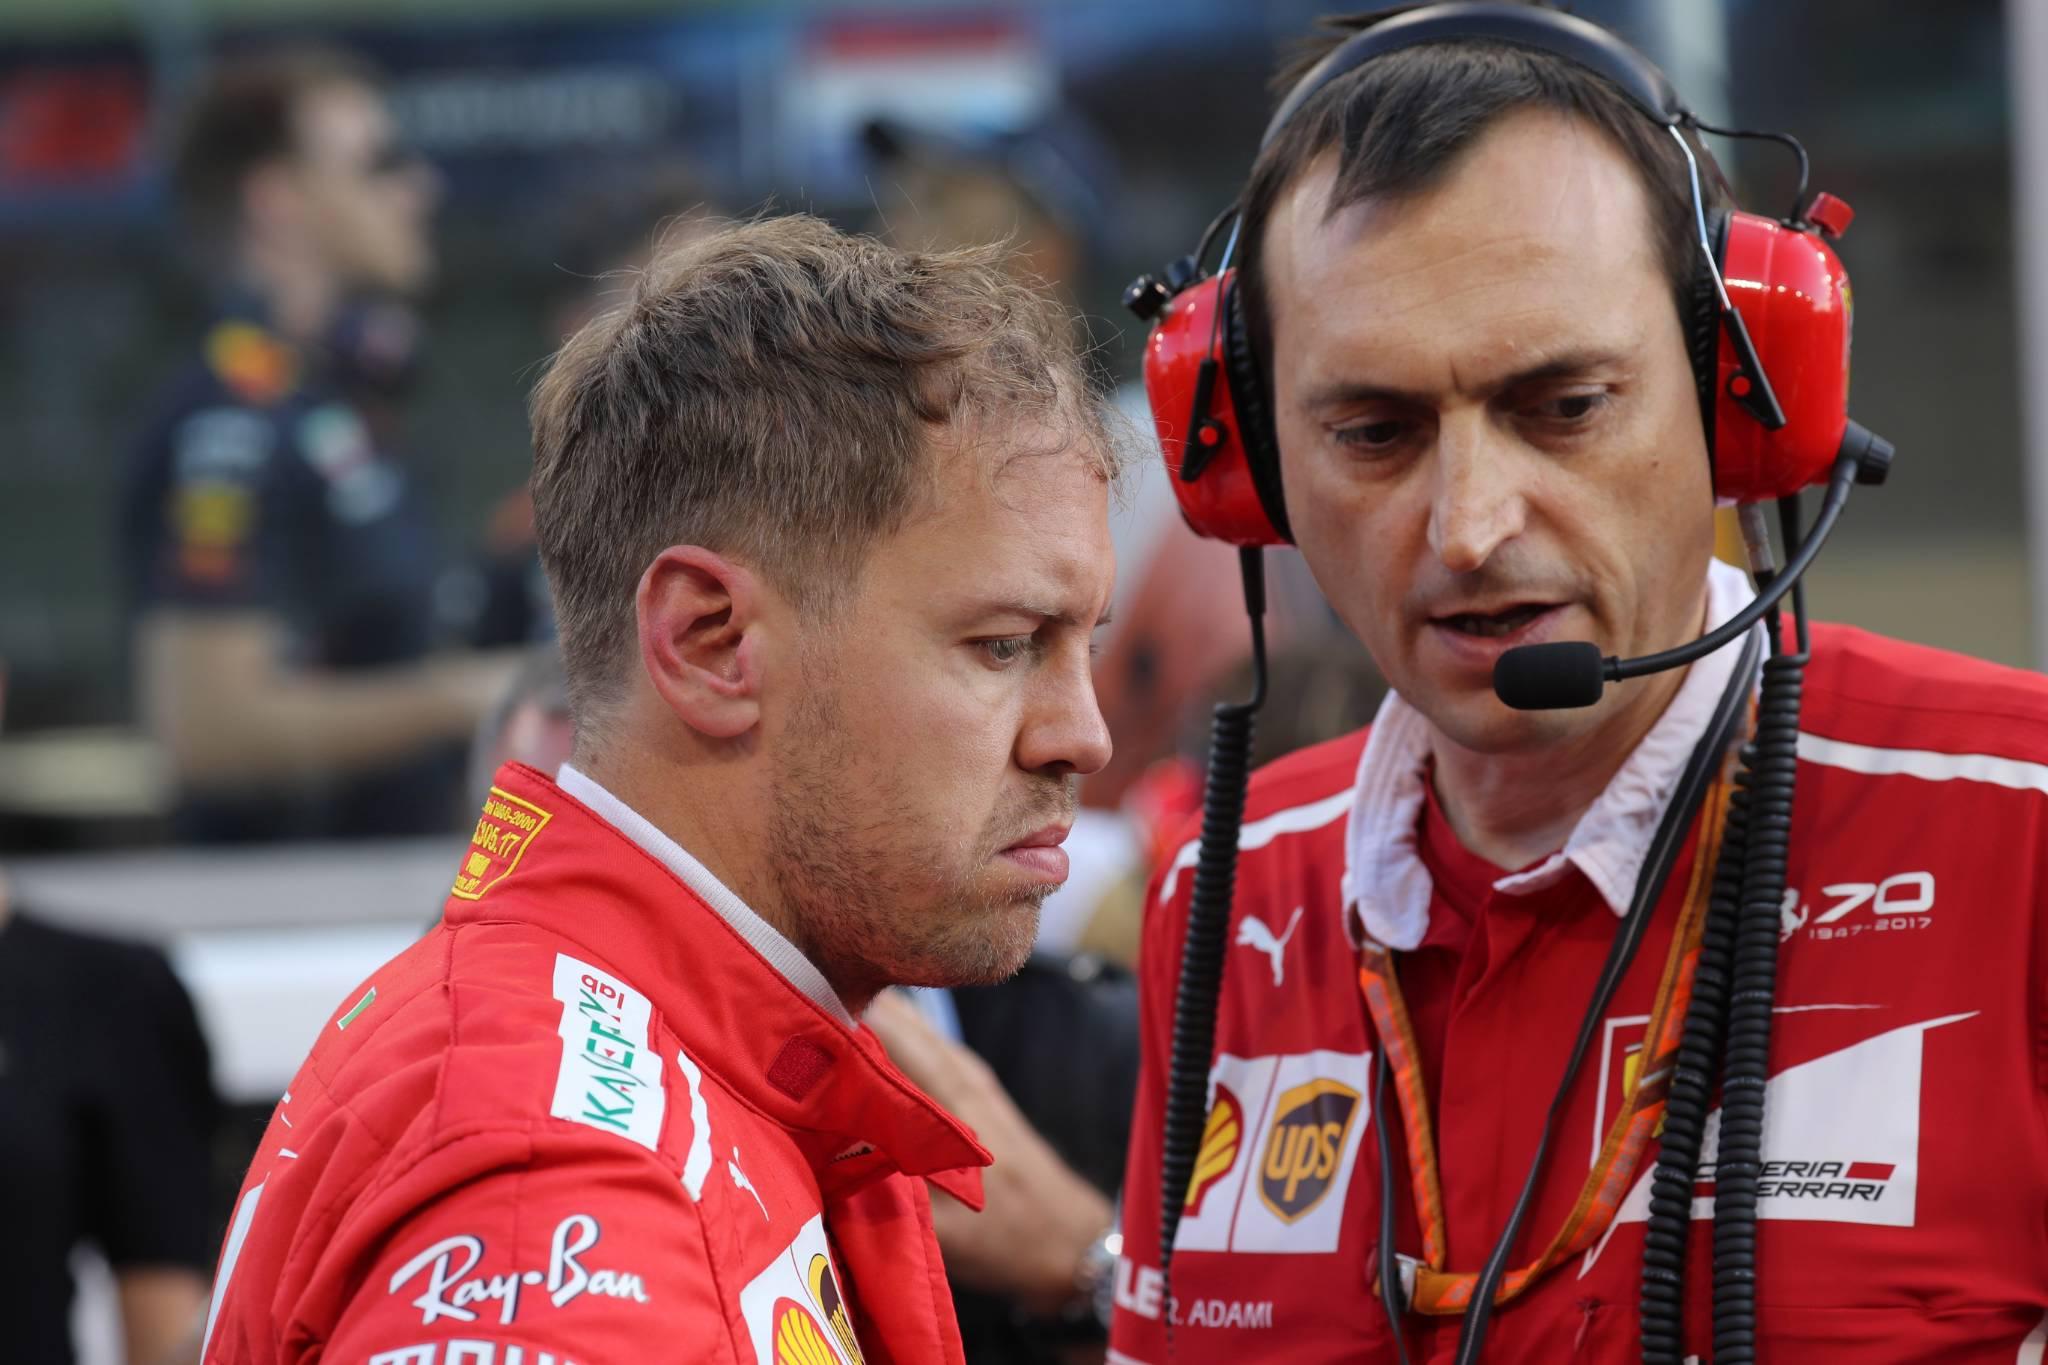 26.11.2017 - Race, Sebastian Vettel (GER) Scuderia Ferrari SF70H and Riccardo Adami (ITA) Ferrari Race Engineer